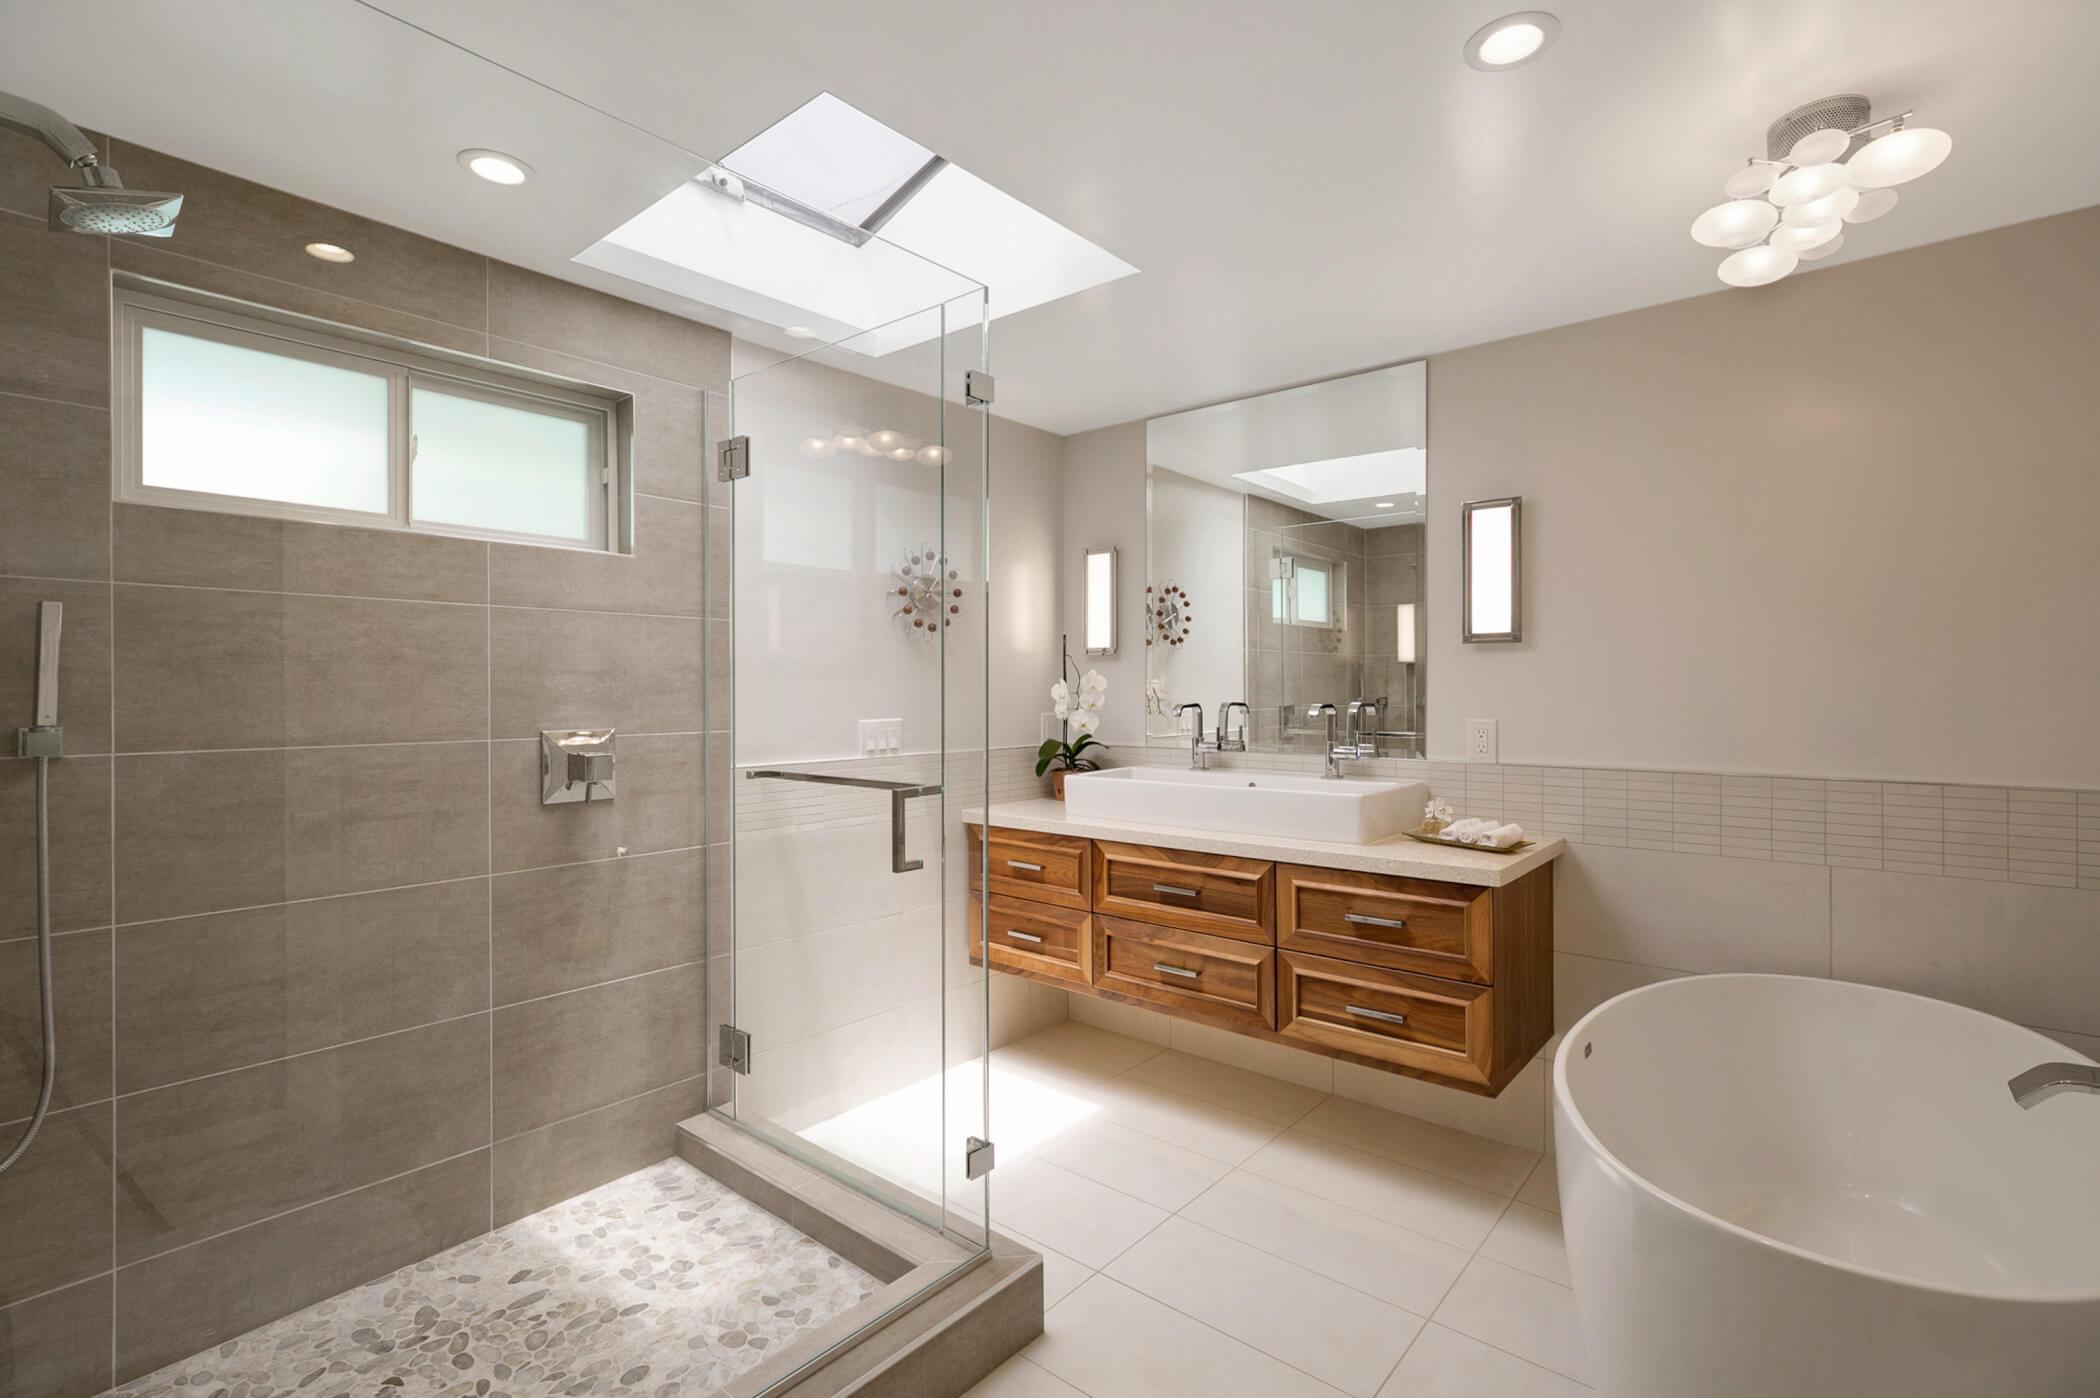 Bathroom Design Trends – Remodeling Guide